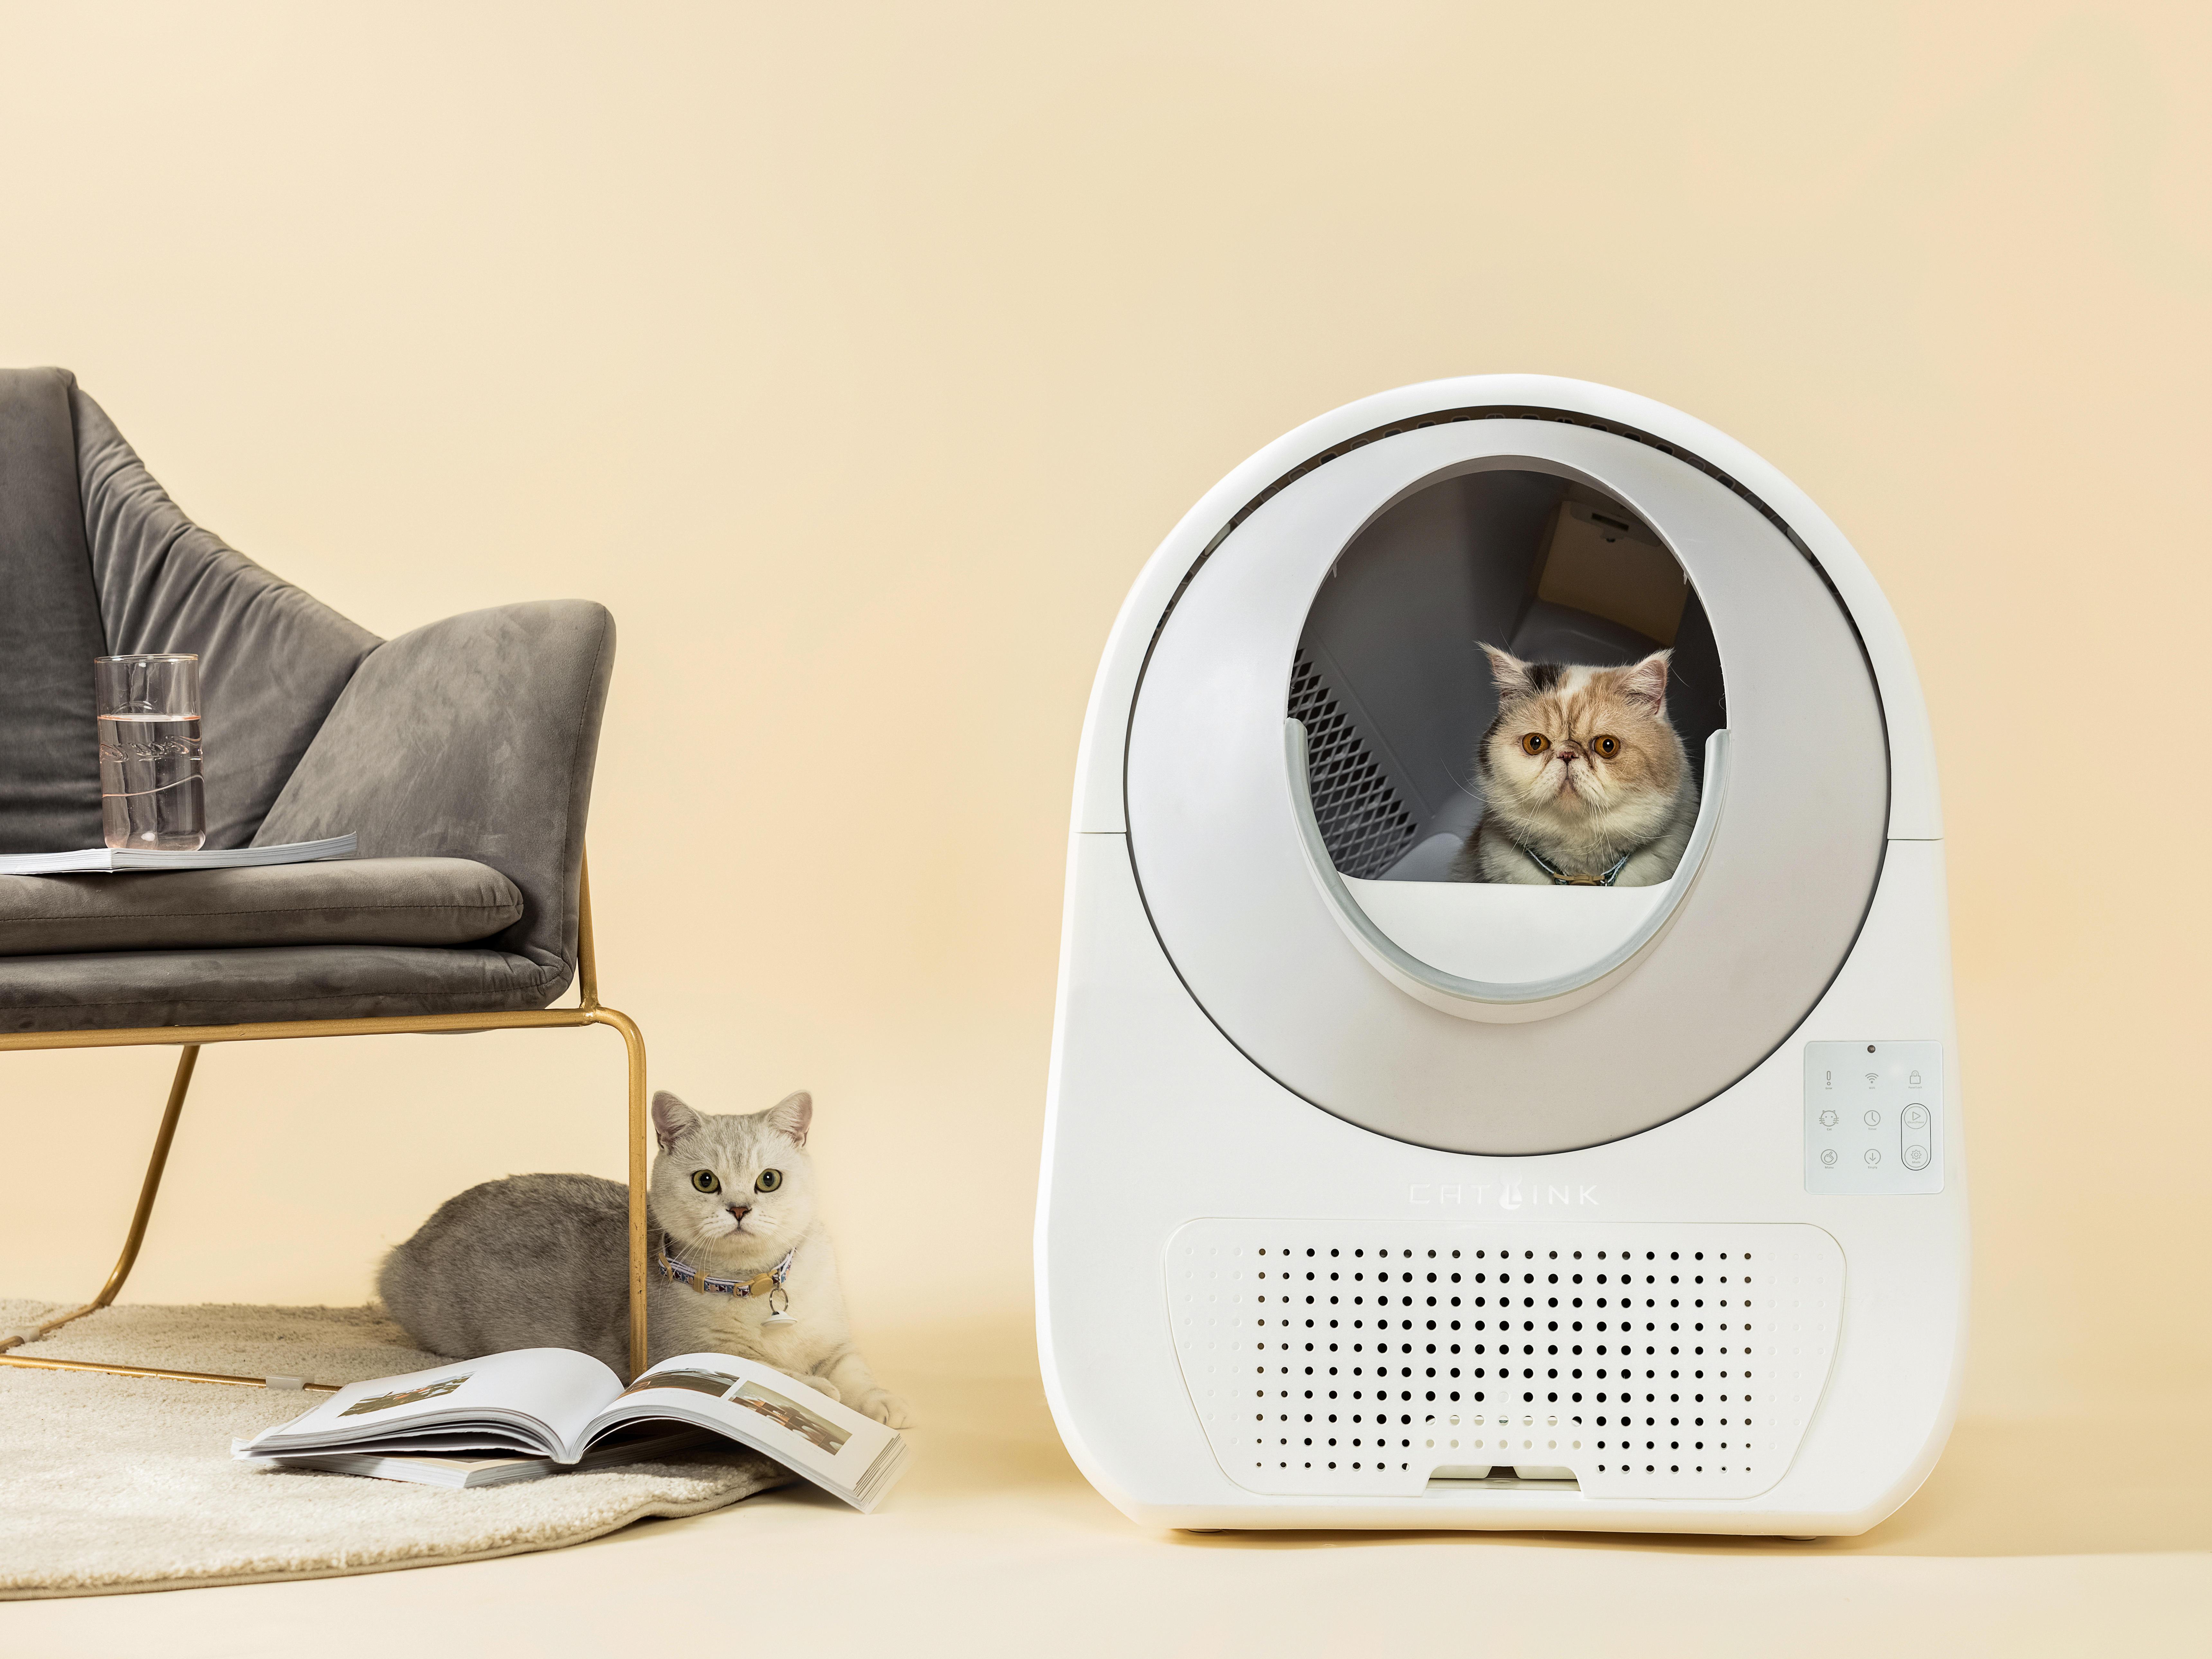 拥有全球3140多万条猫如厕数据,宠物智能设备「Catlink」围绕宠物健康拓展SKU